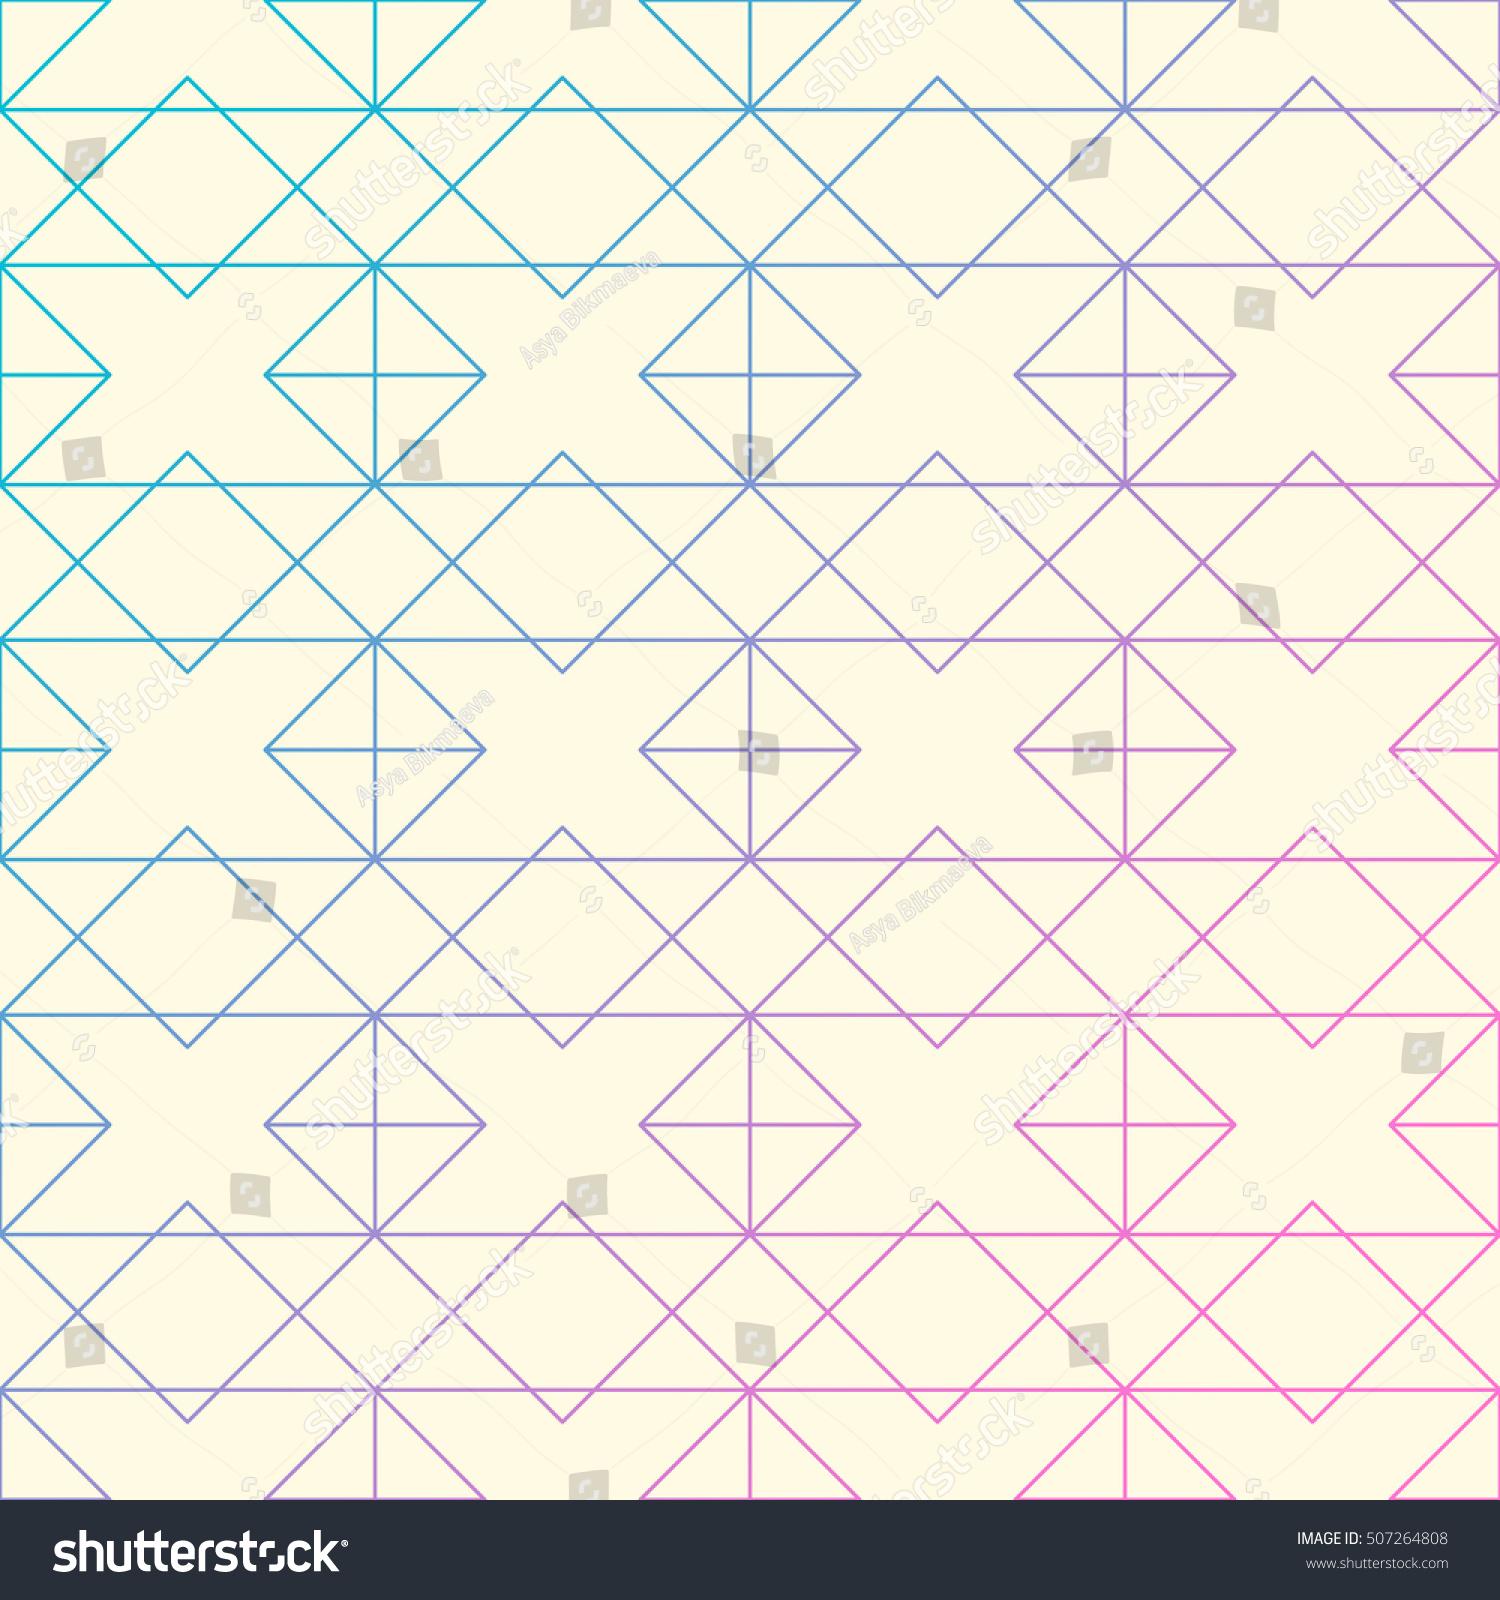 Edit Vectors Free Online - Gradient background